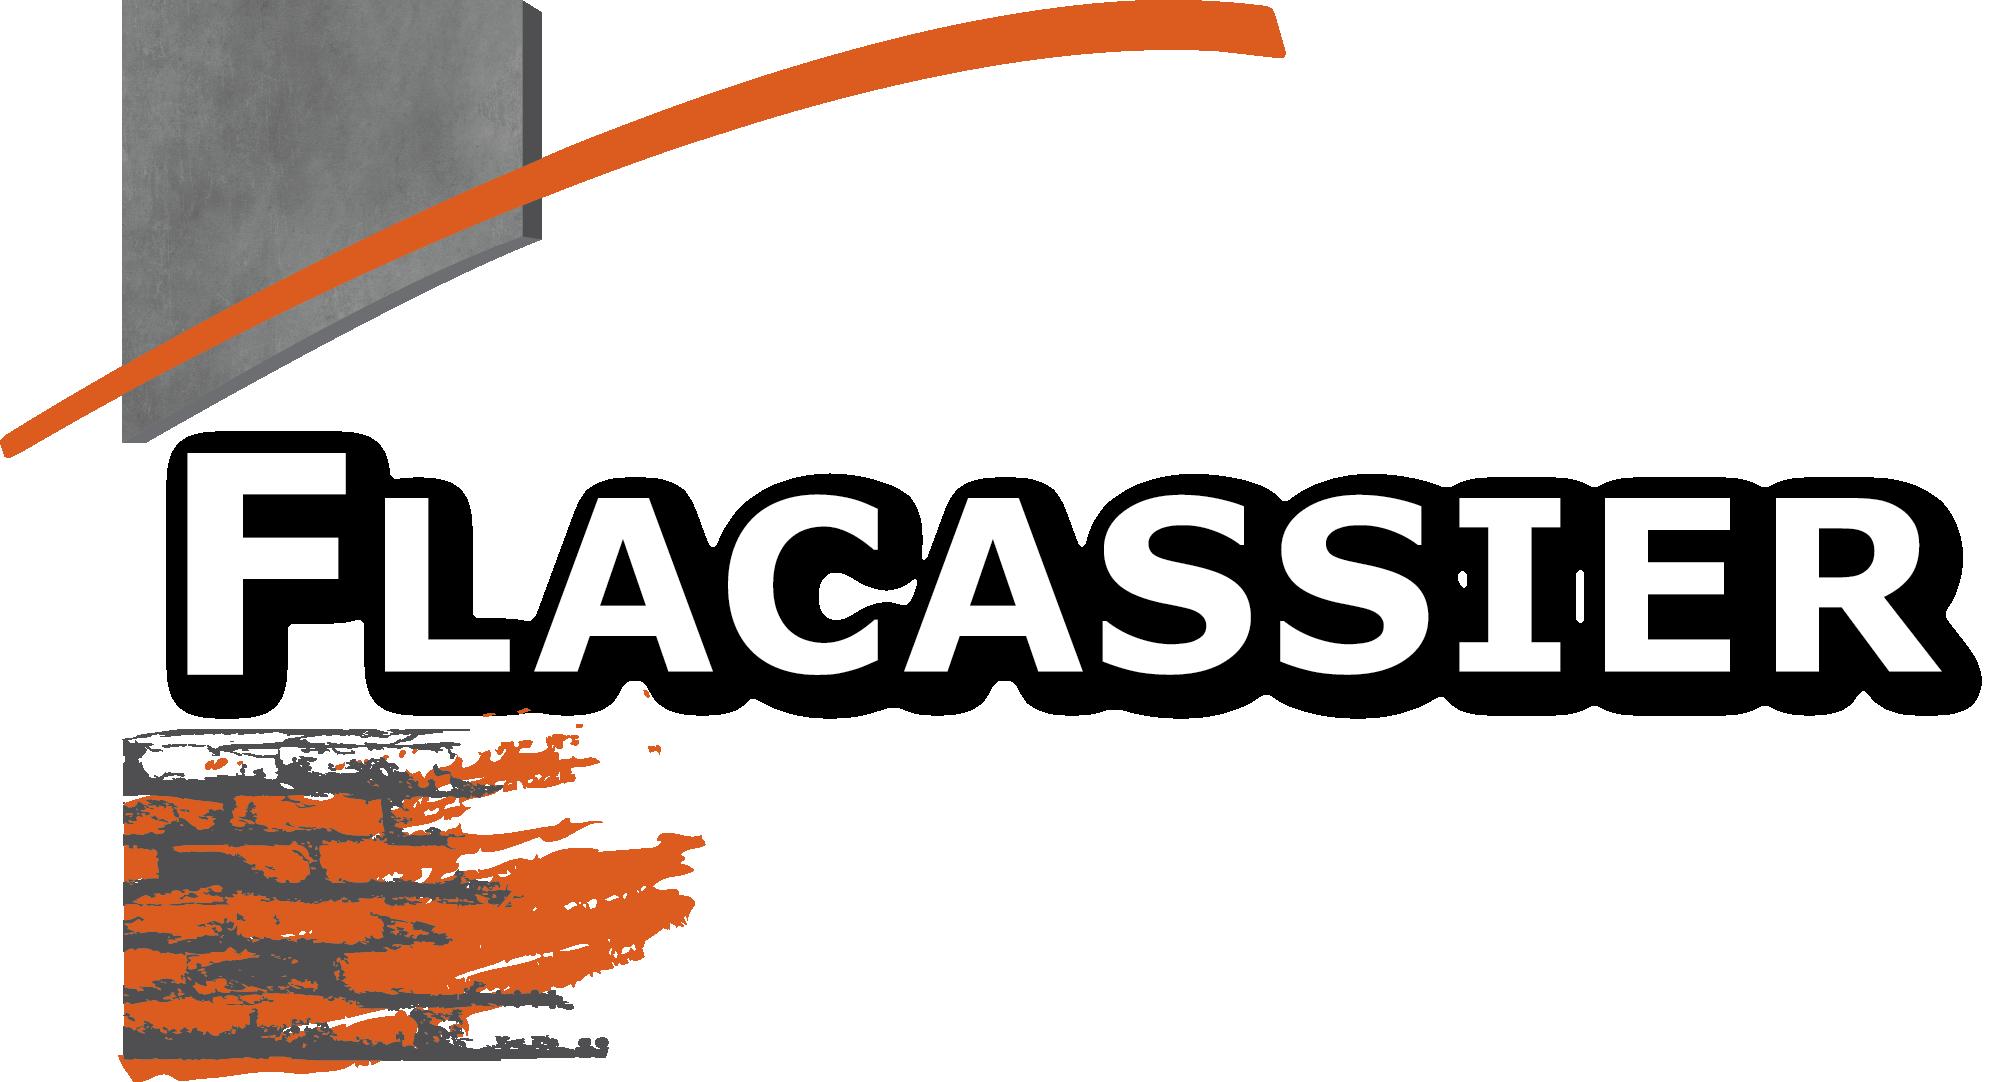 Logo de l'entreprise Flacassier Bâtiment